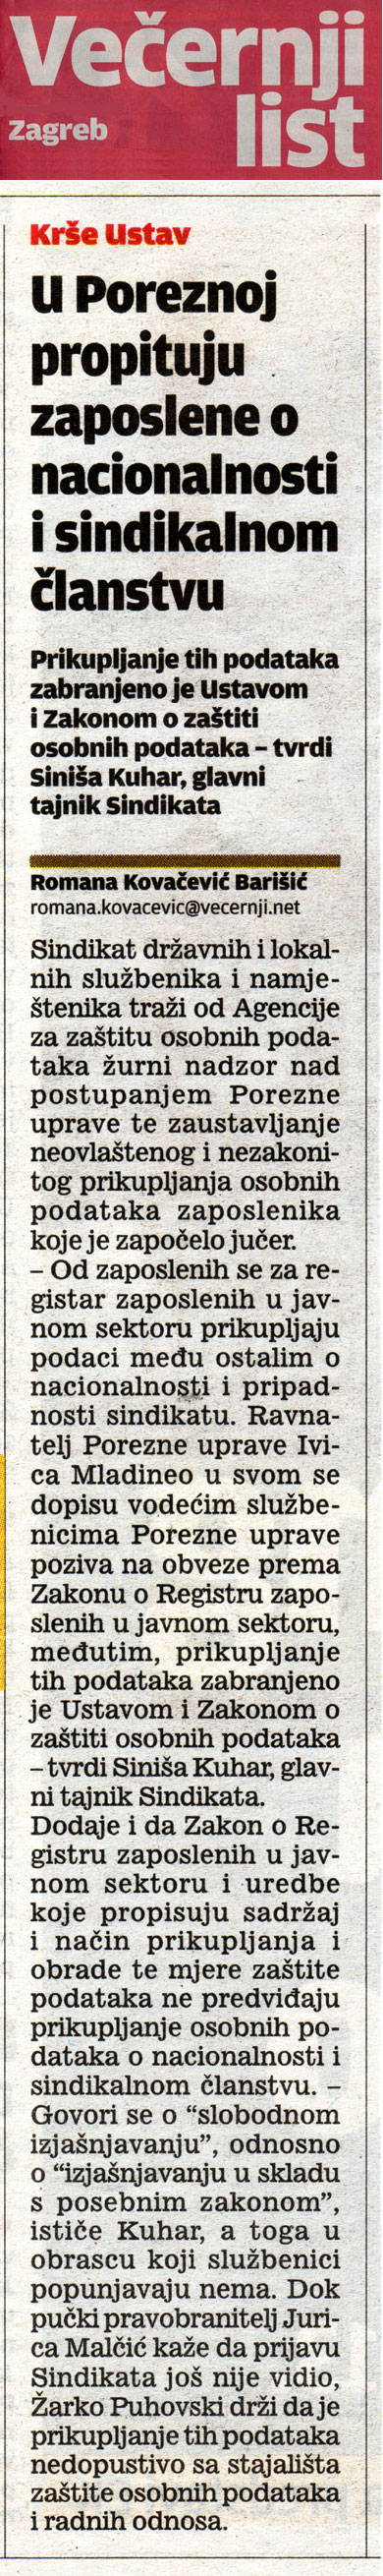 podaci_PU_vl240511